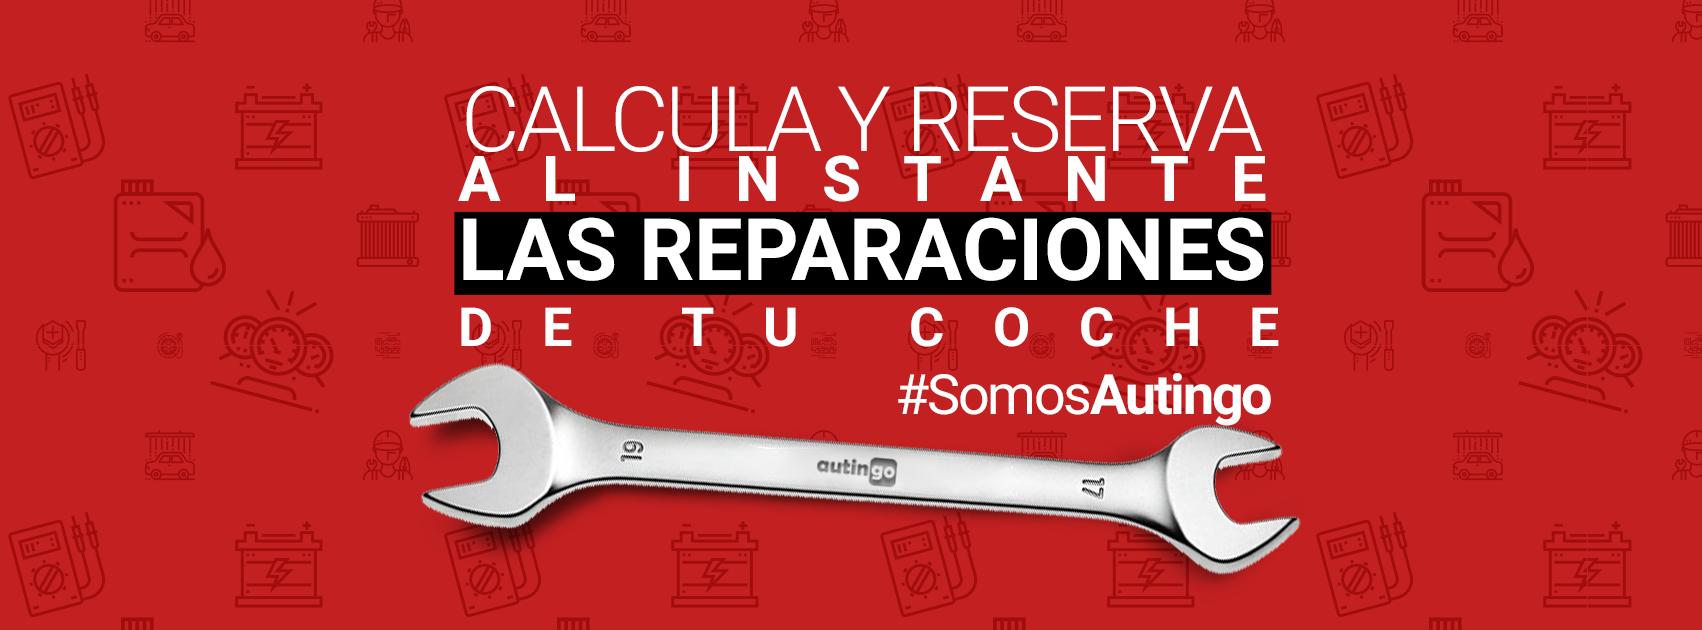 El emprendedor Pedro Sanz crea Autingo, una plataforma para reservar reparaciones del coche